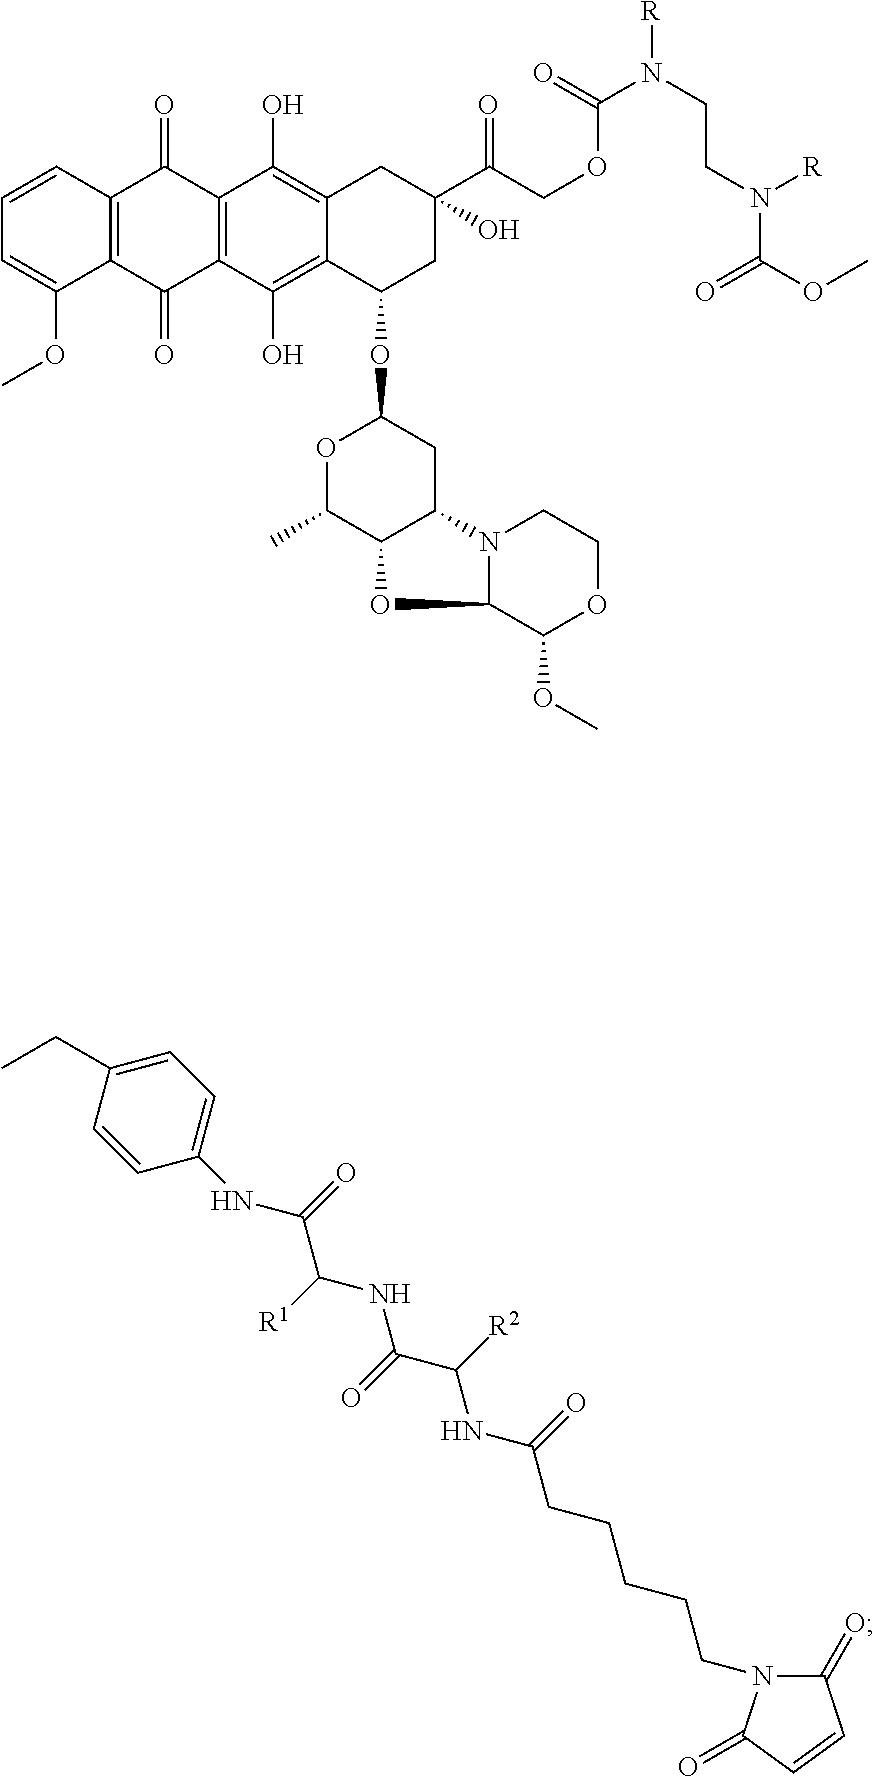 Figure US09695240-20170704-C00114